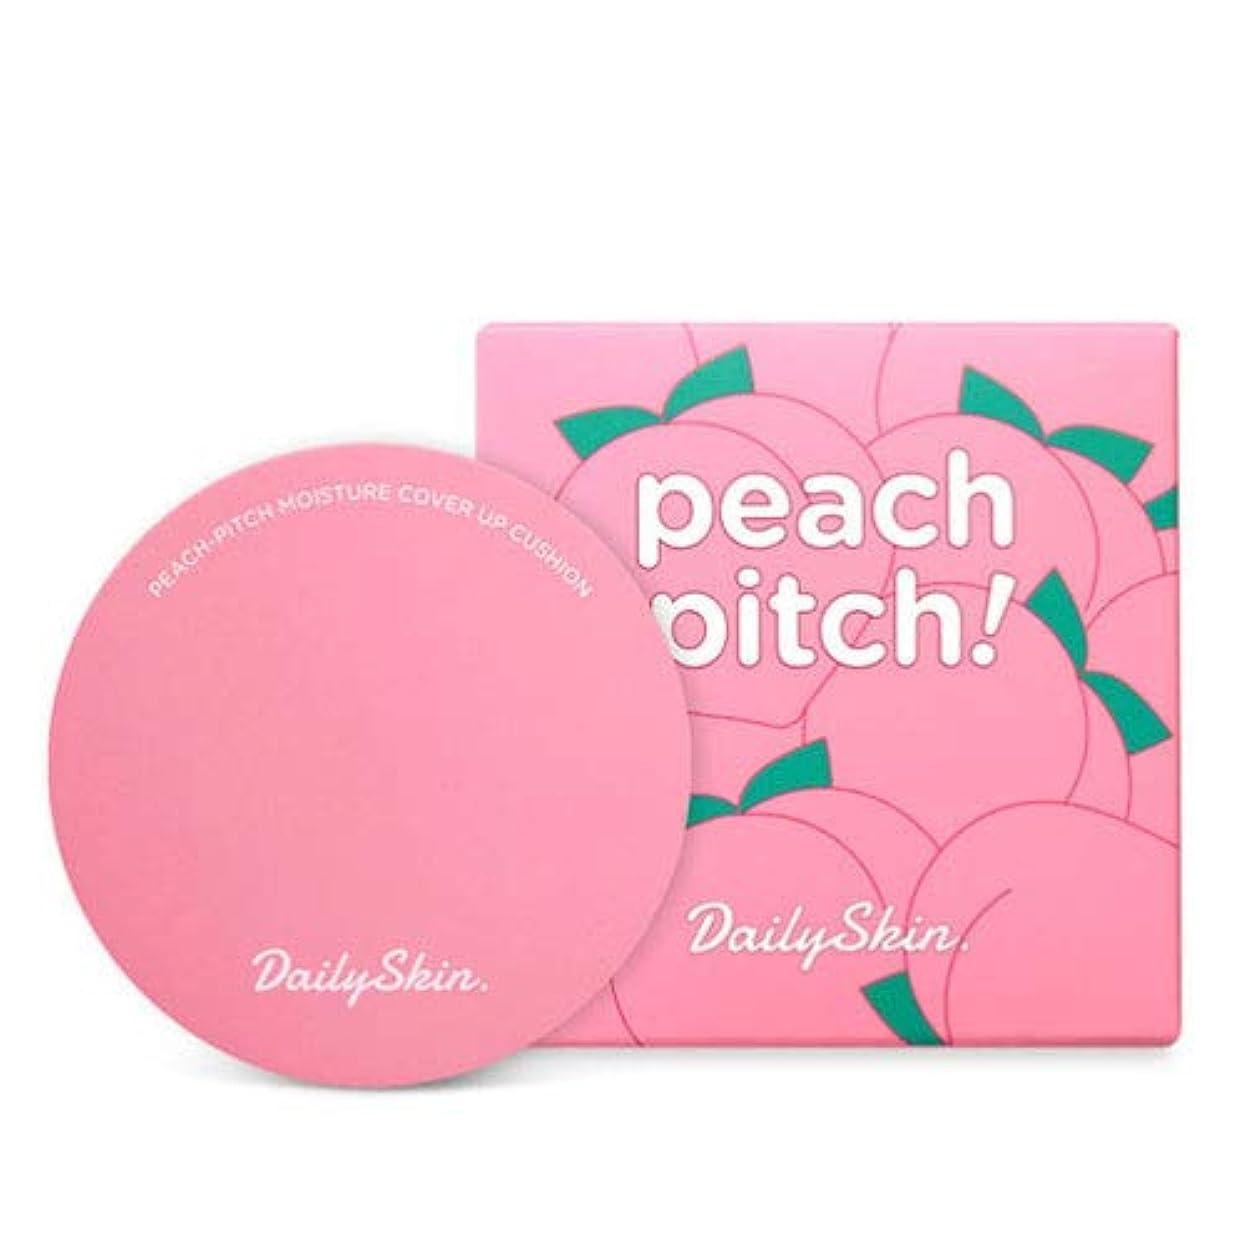 ディベート政治家発行[RENEWAL] デイリースキン ピーチ モイスチャー カバー アップ クッション Daily Skin Peach-Pitch Moisture Cover Up Cushion (No.23 Peach Natural...